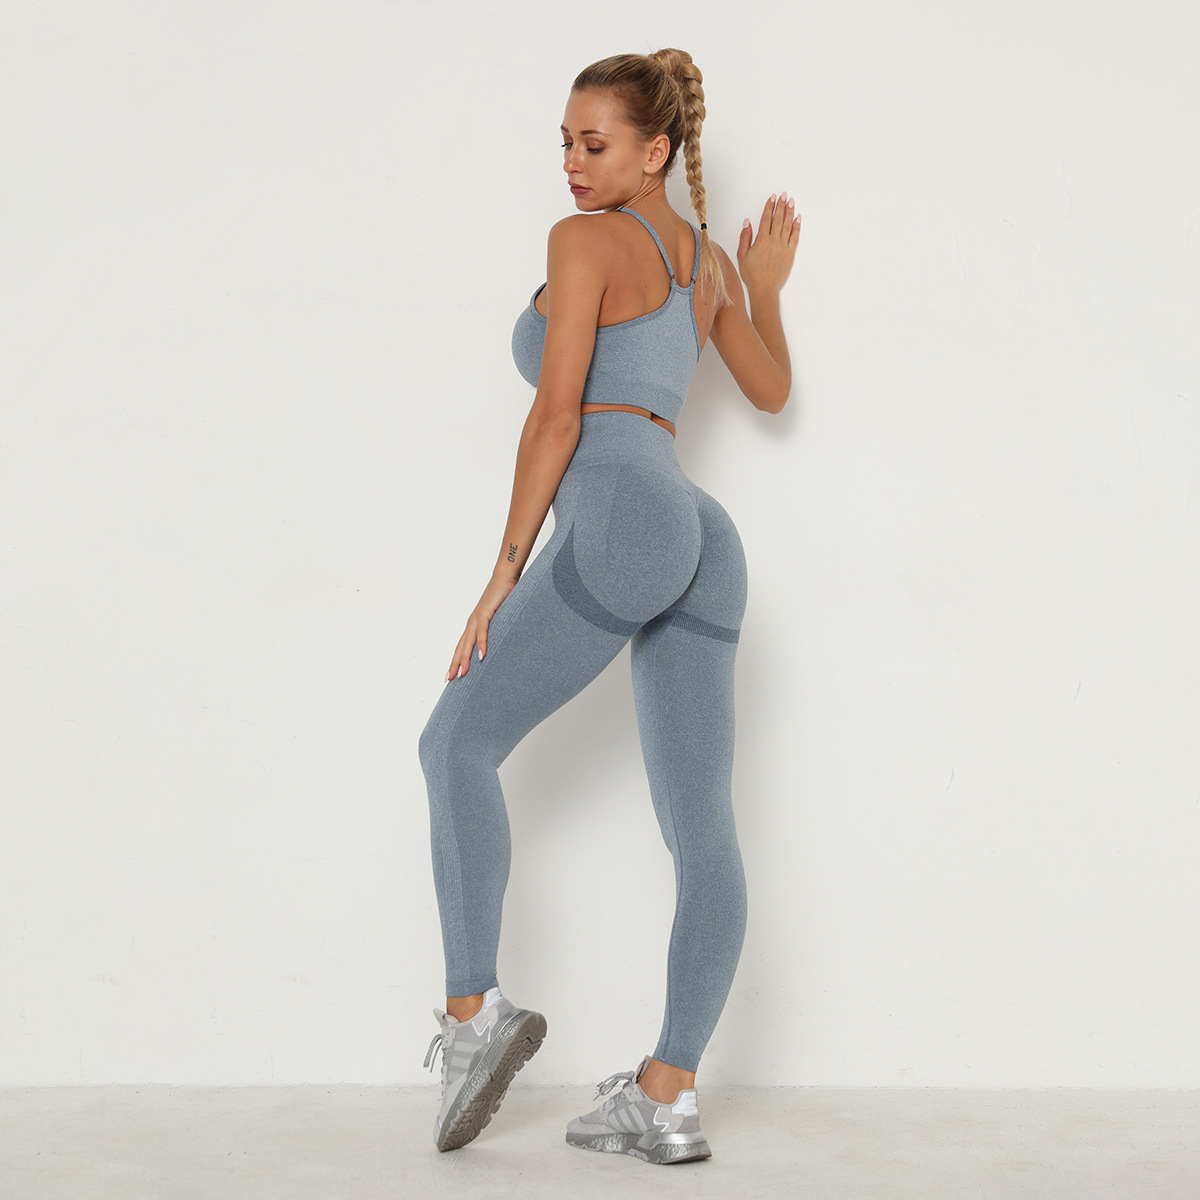 Оптовая продажа, одежда для фитнеса и йоги, тренировочный комплект из двух предметов, спортивная одежда, бюстгальтер и спортивные Леггинсы, бесшовный комплект для йоги